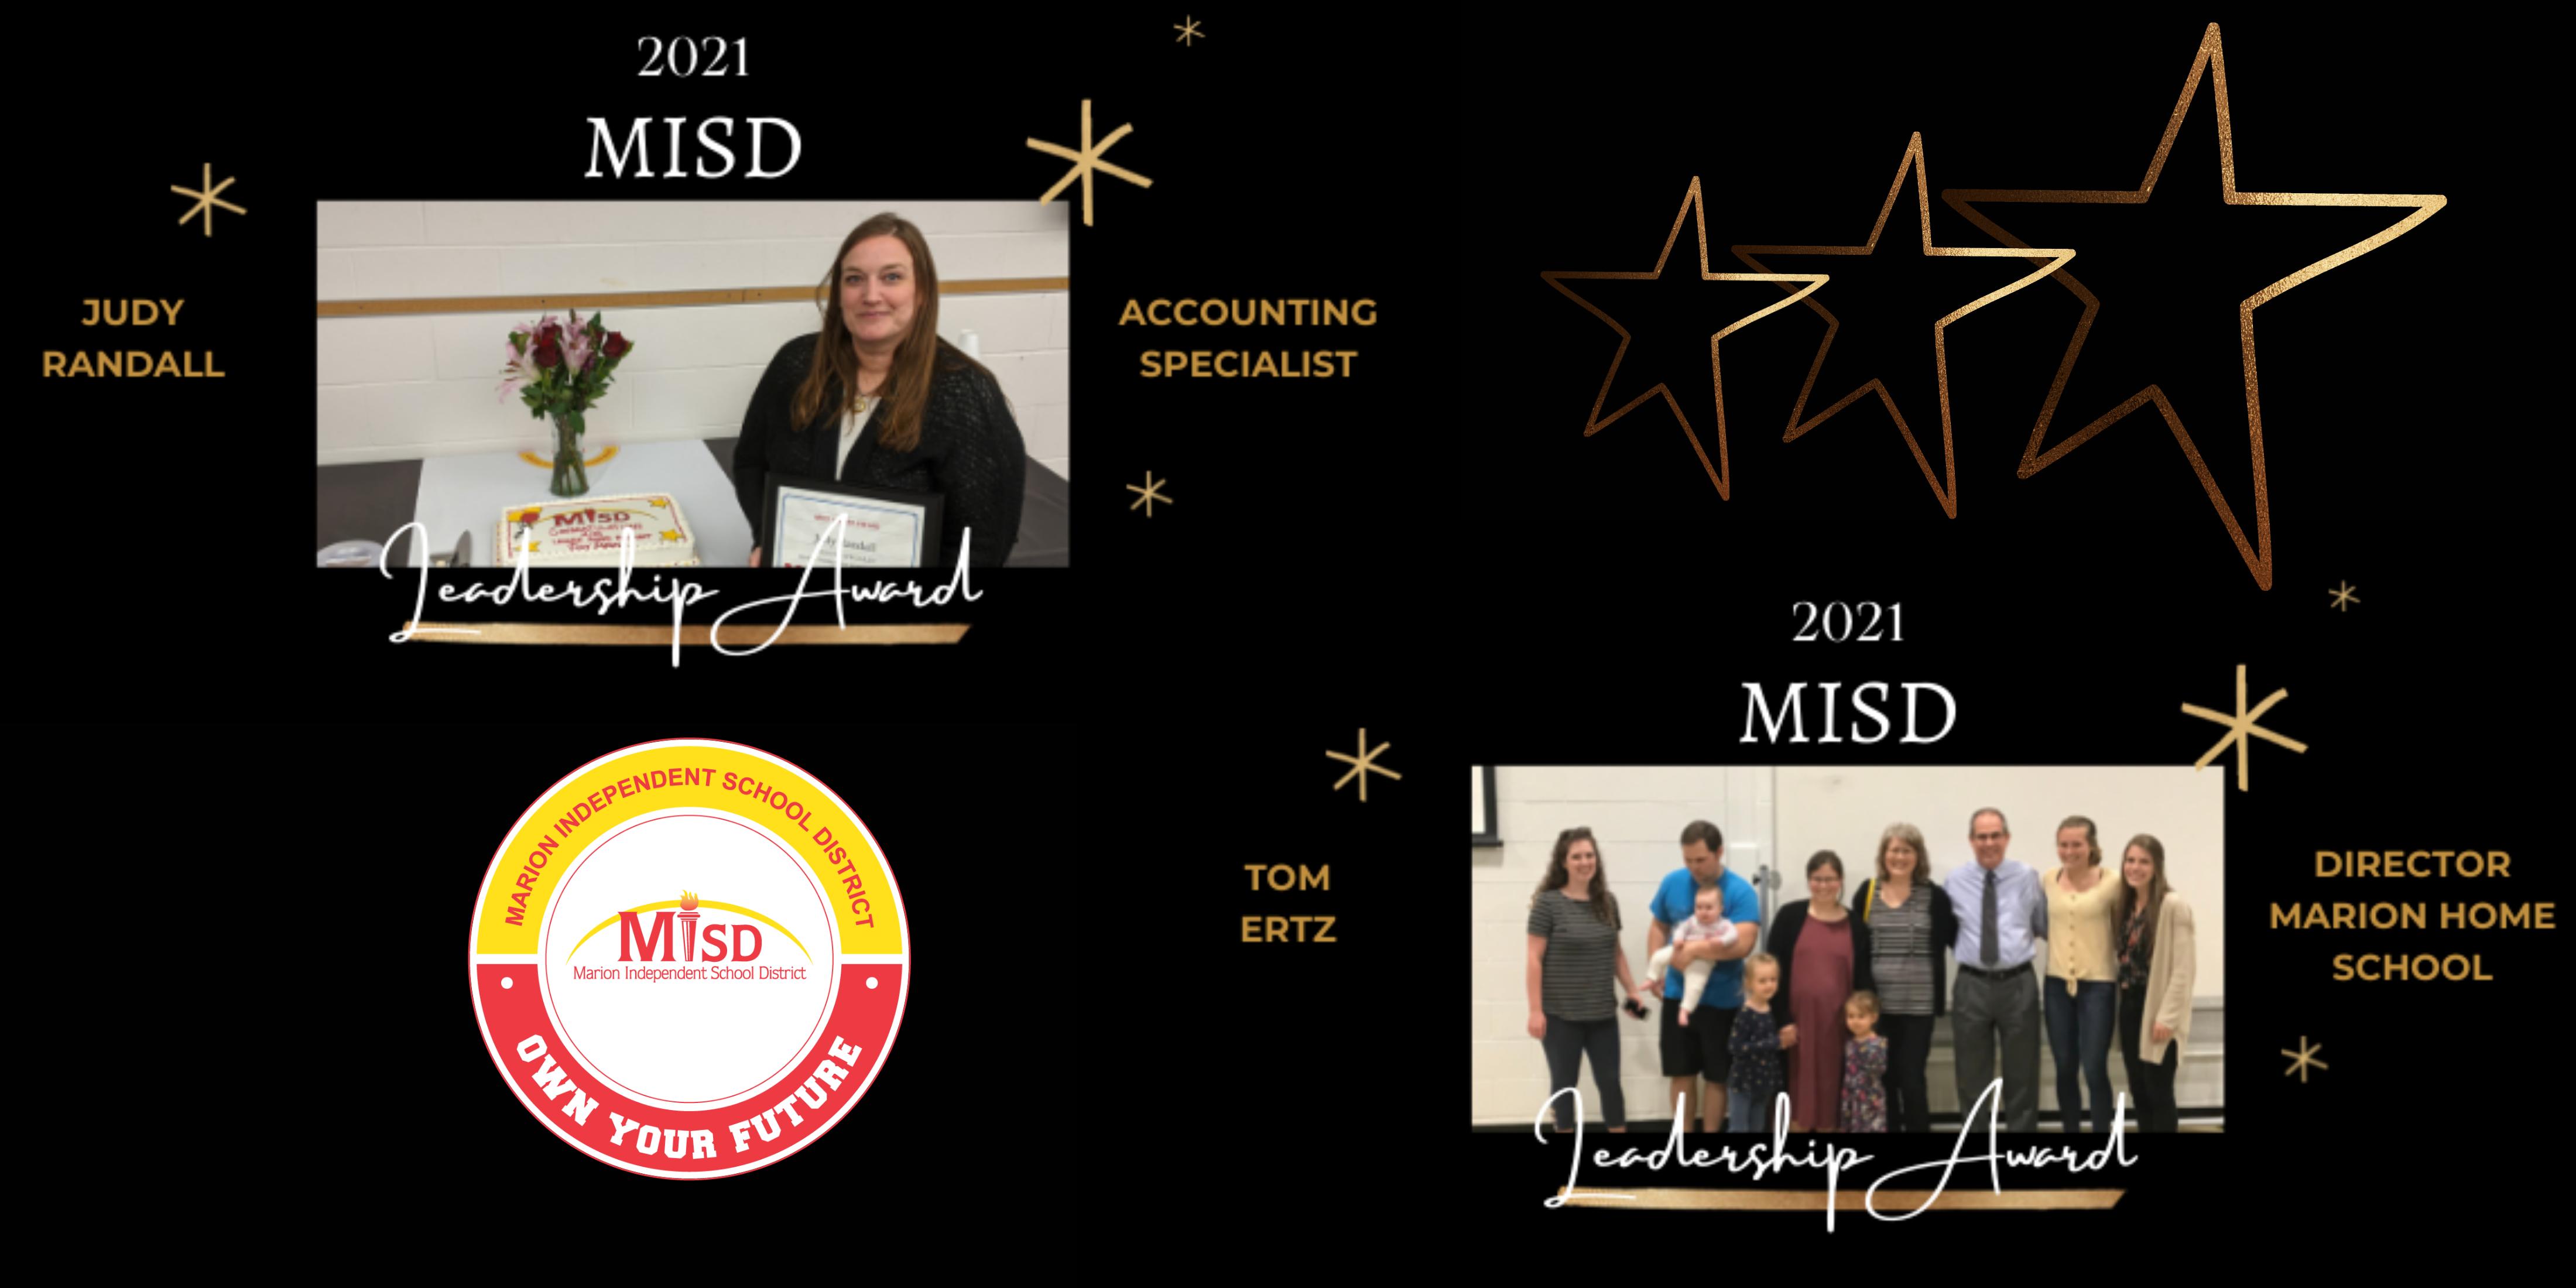 MISD Leader Awards